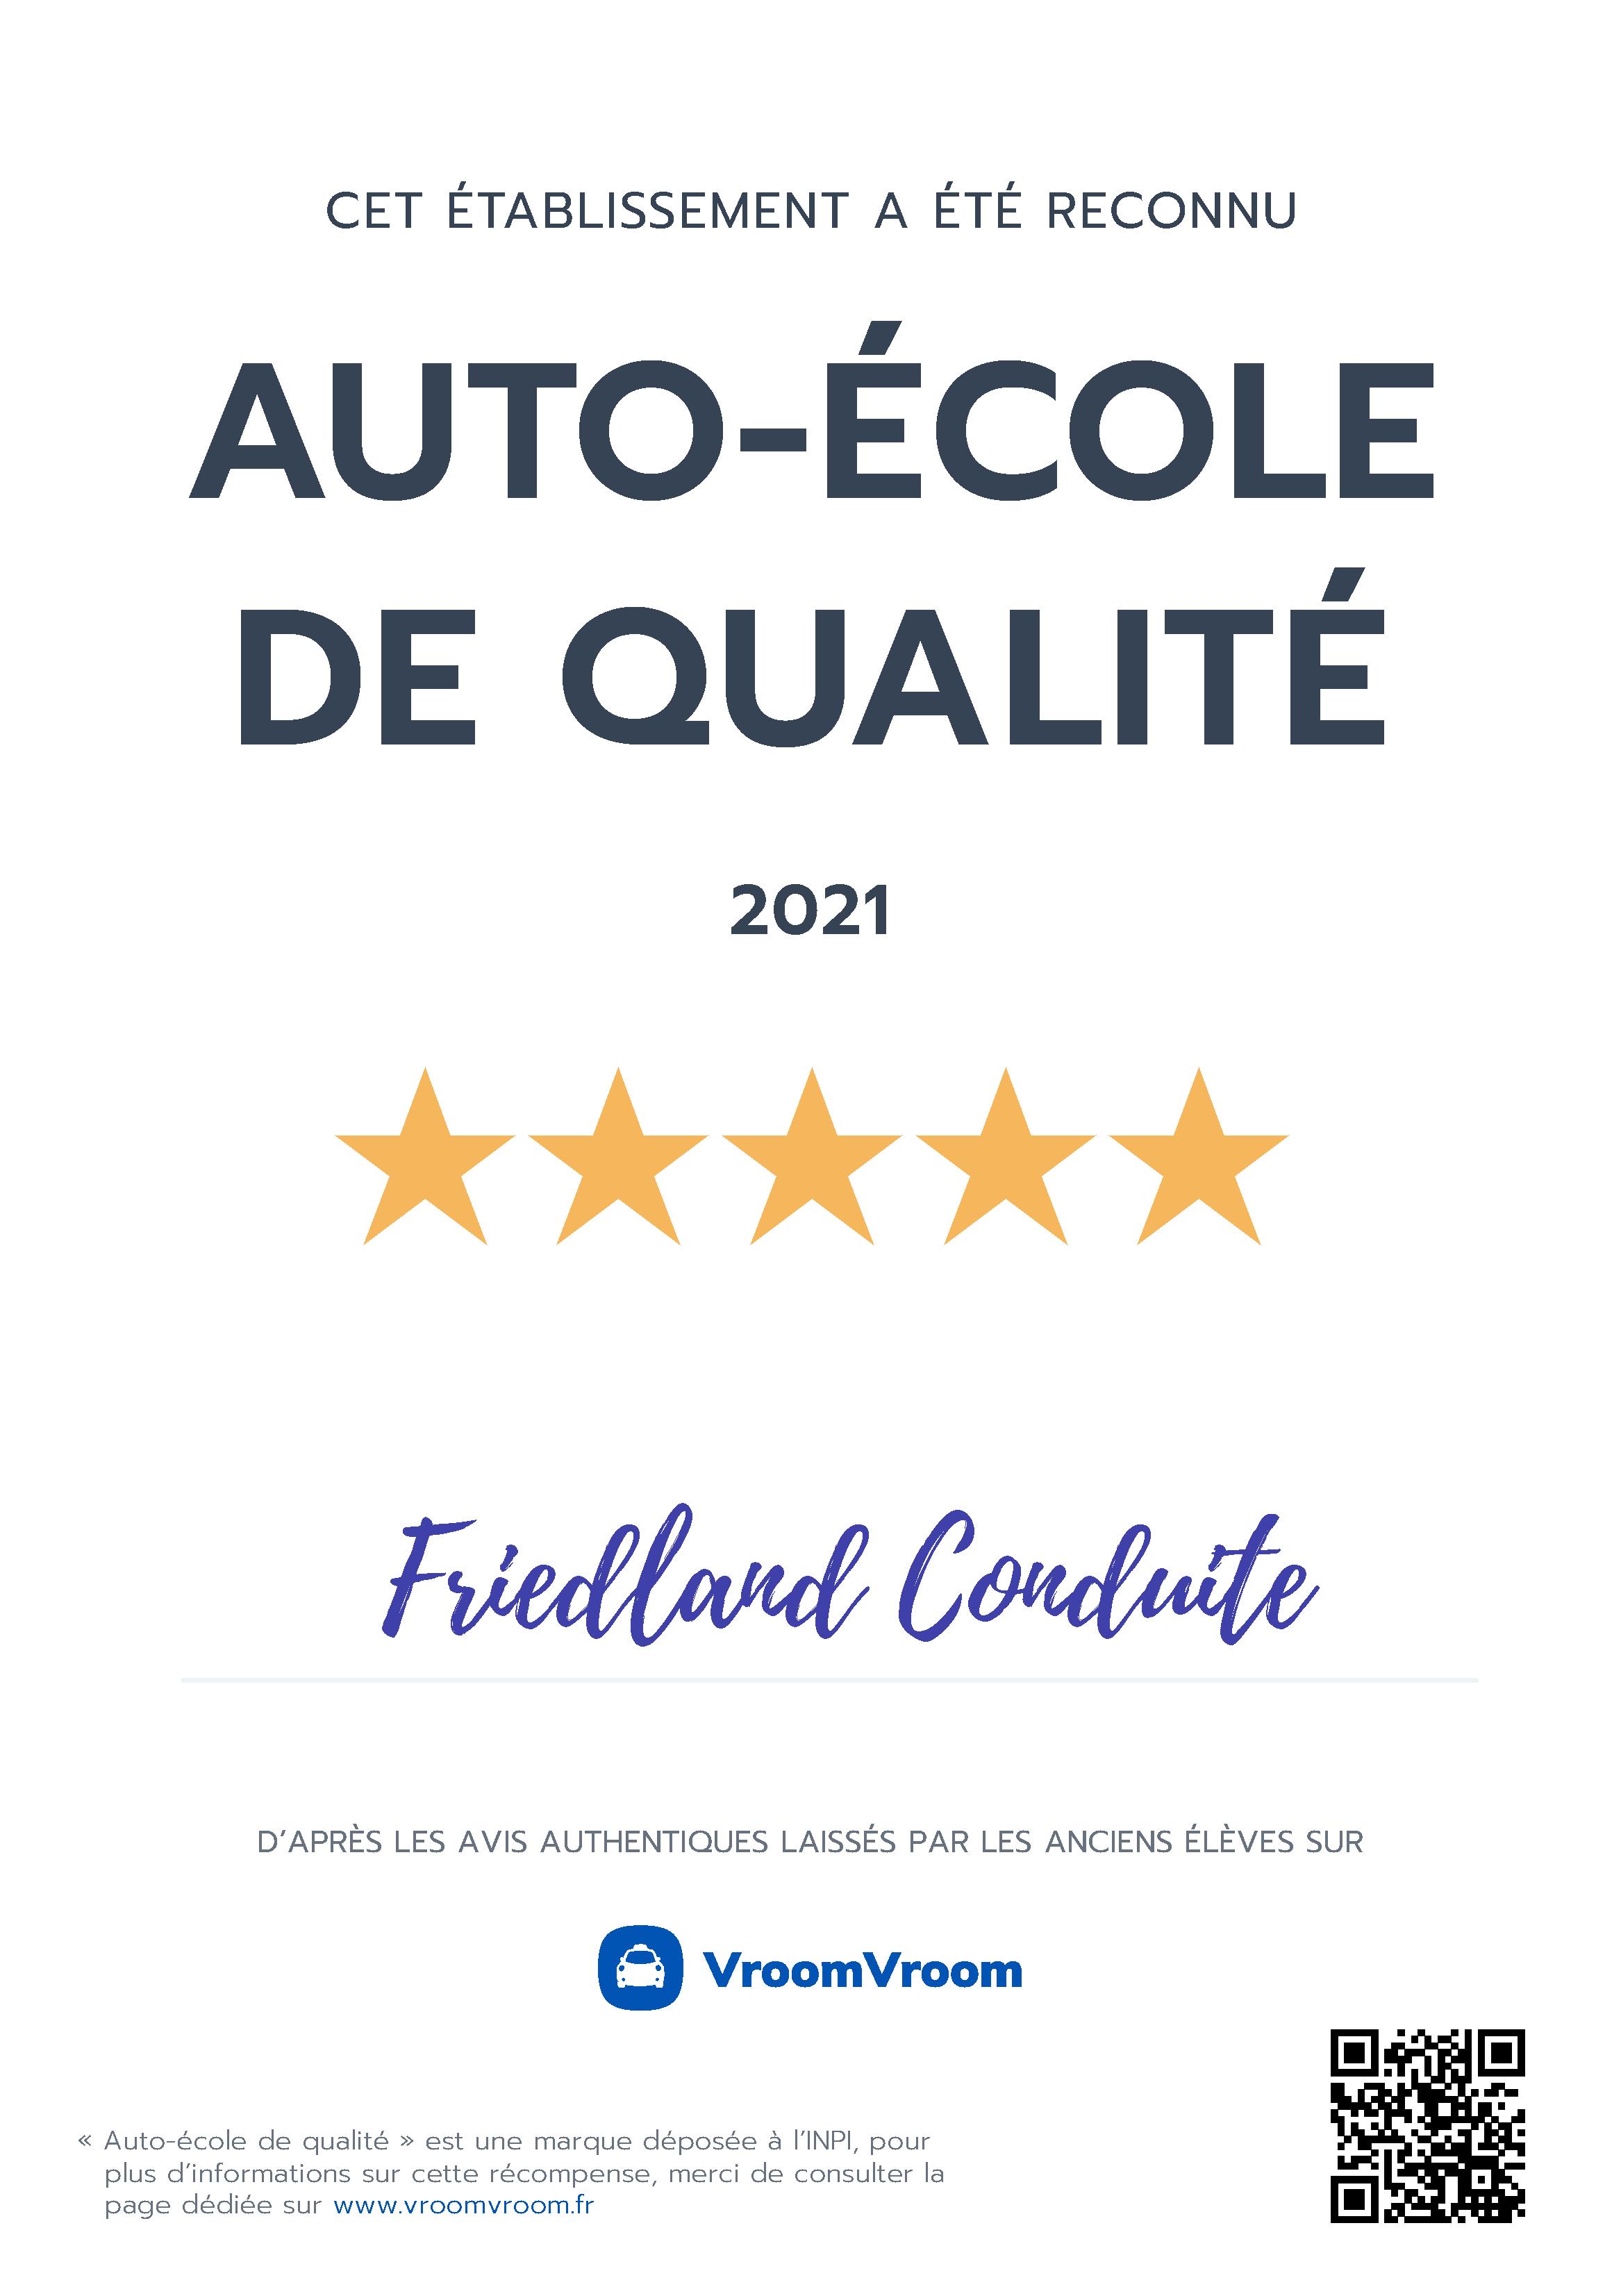 Auto-école de qualité 2021